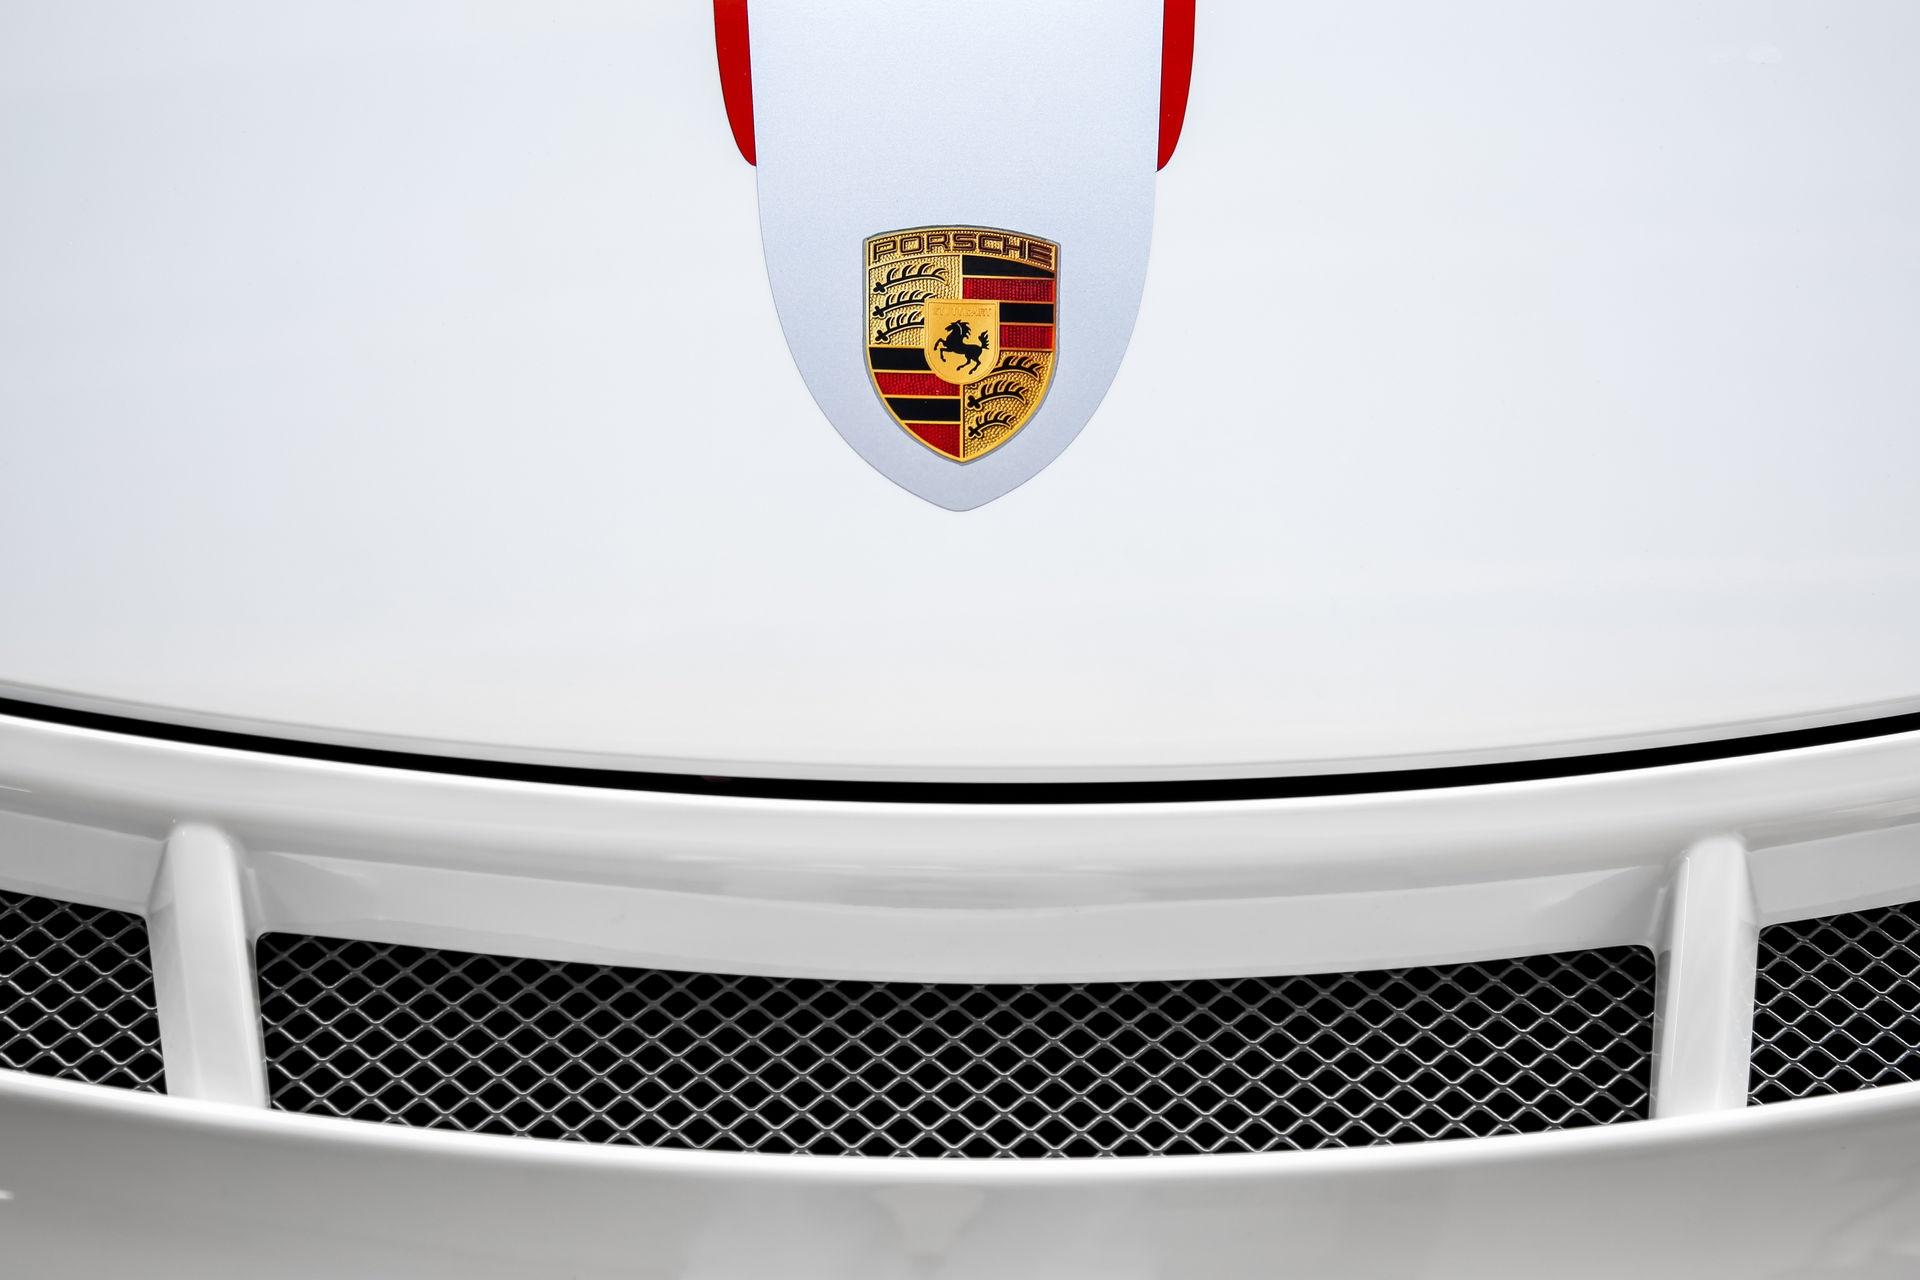 Ngam nhin Porsche 911 GT3 RS 4.0 2011 phien ban gioi han dac biet anh 19